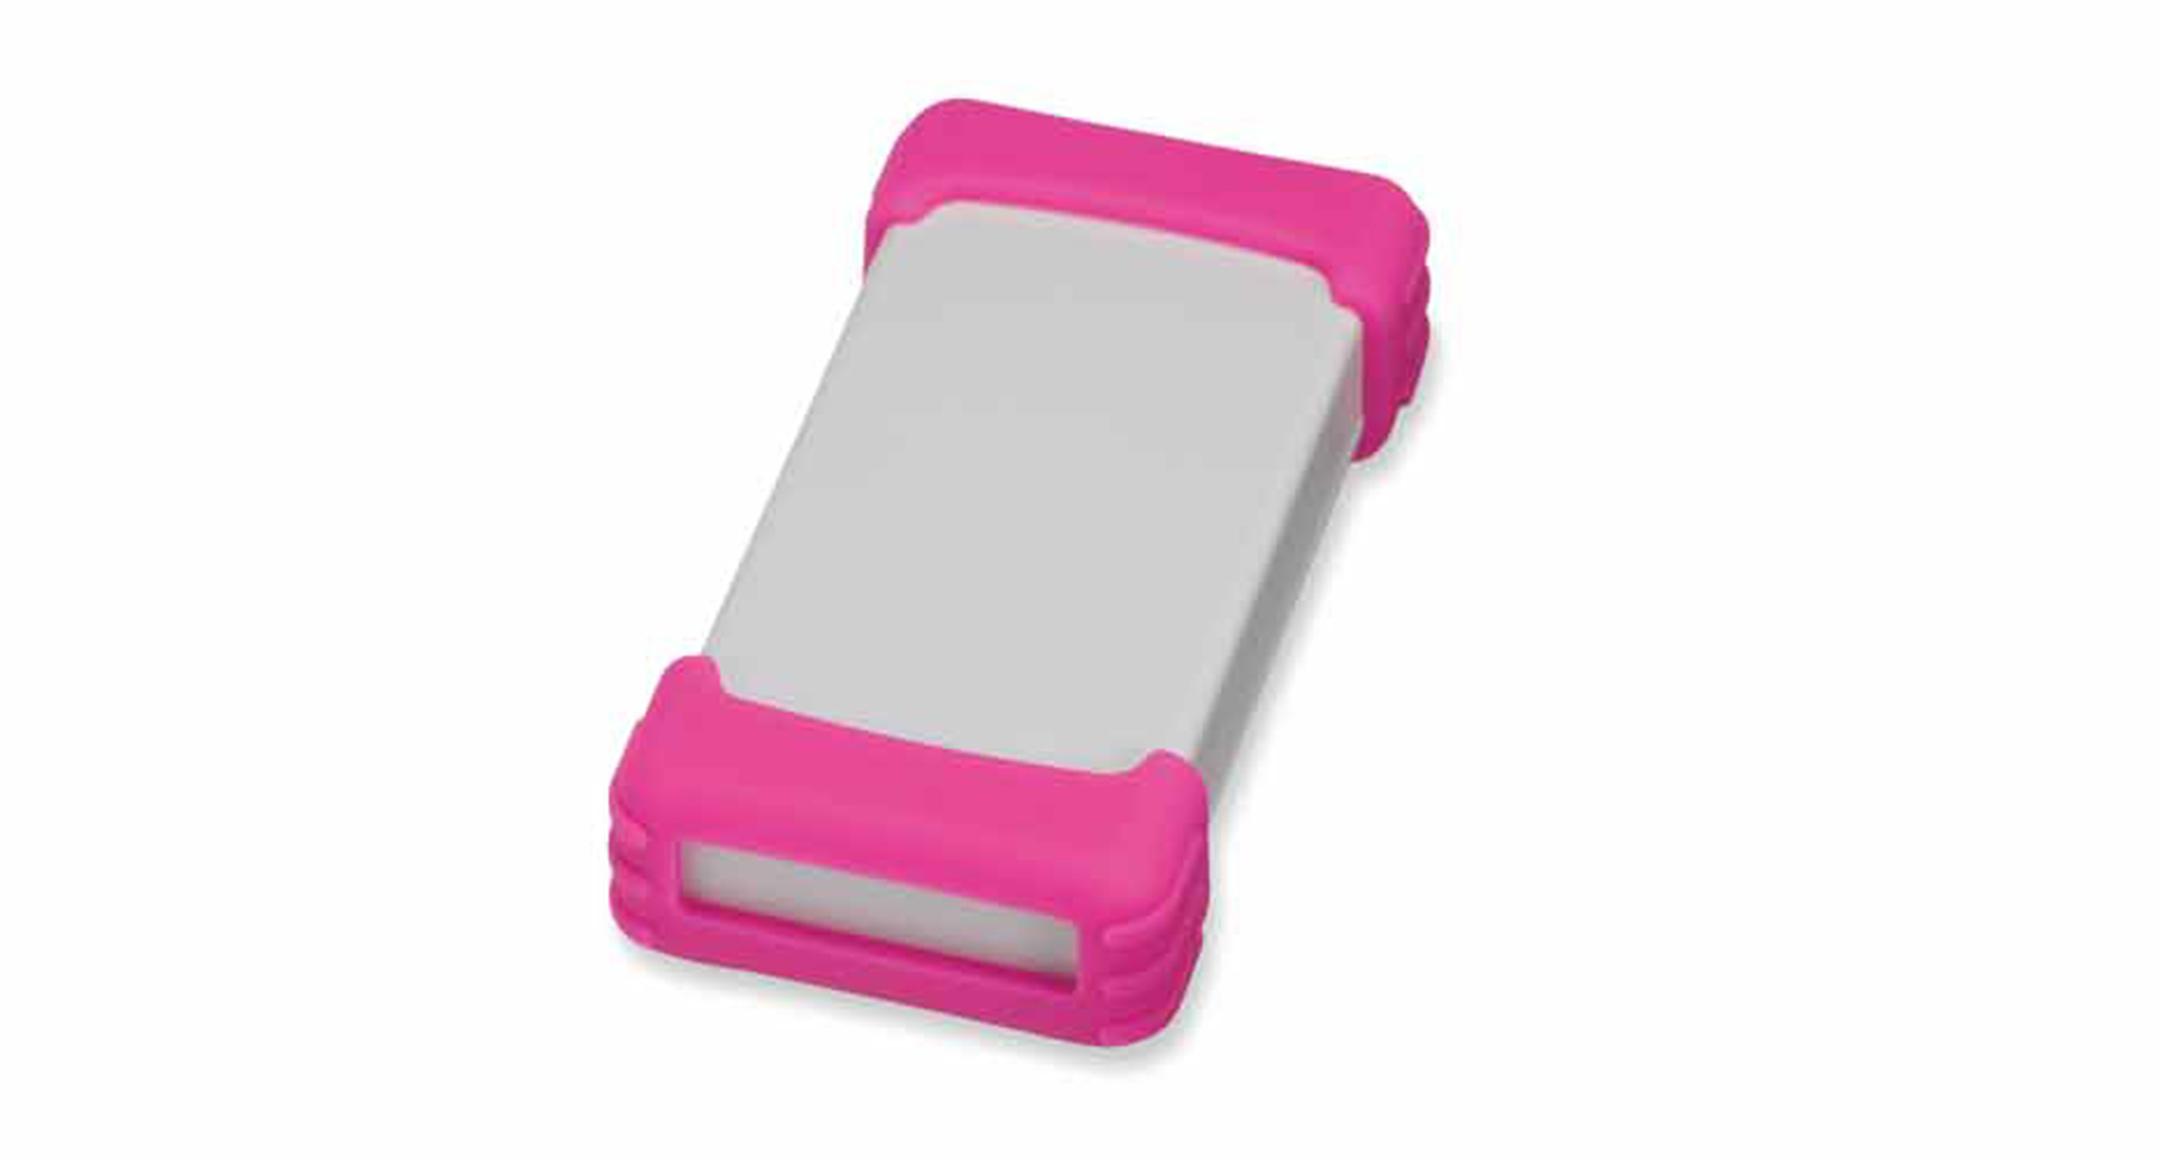 シリコンプロテクター付プラスチックケース TWSシリーズ:ライトグレー/ピンクの画像